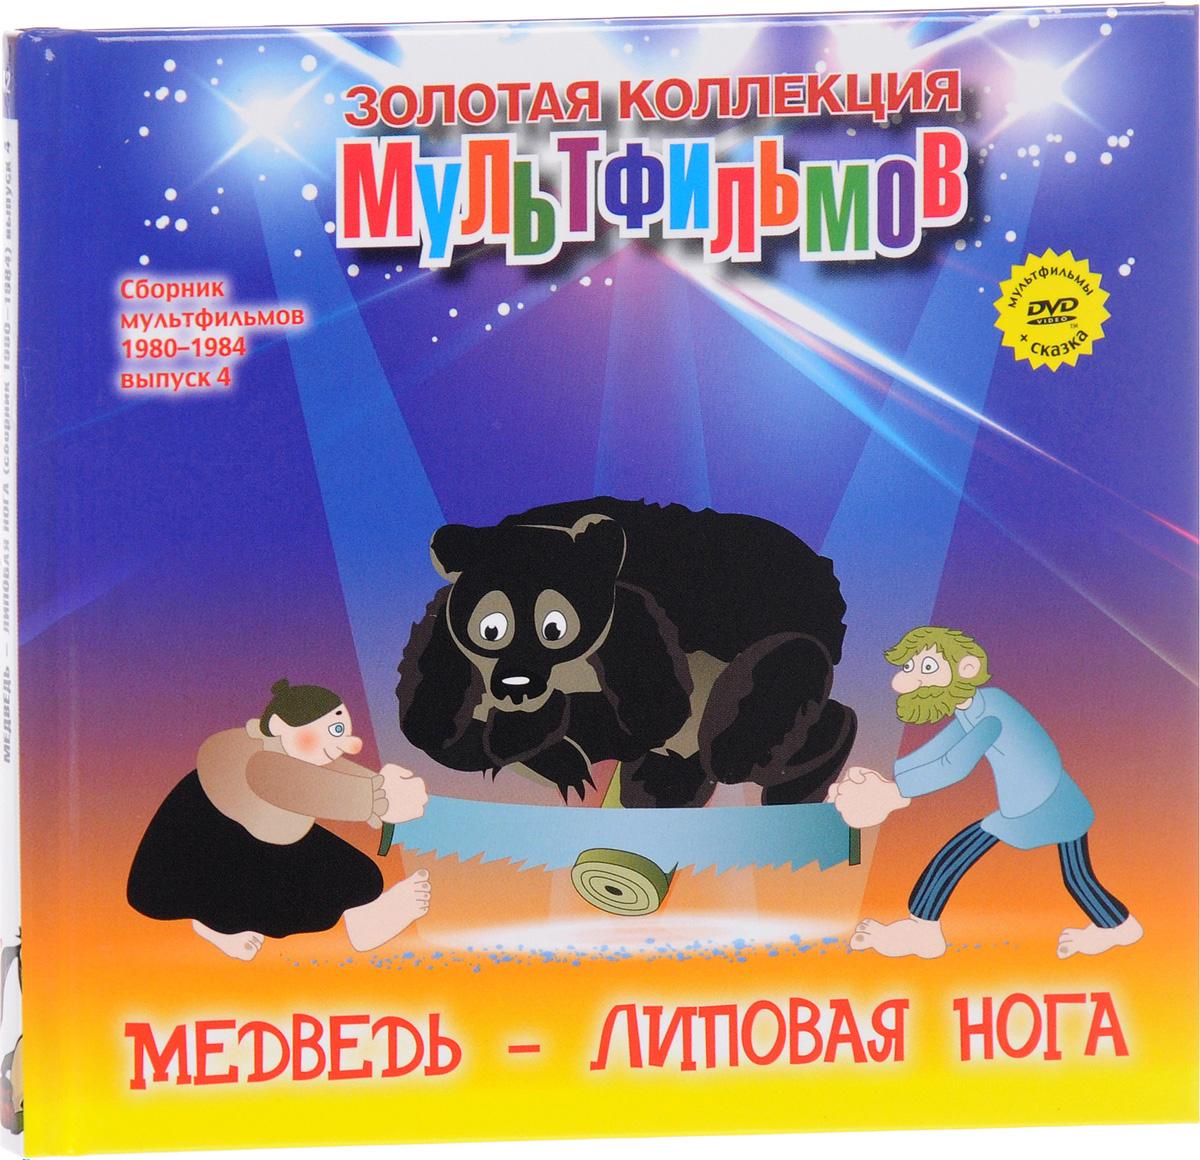 Сборник мультфильмов 1980-1984: Выпуск 4: Медведь - липовая нога